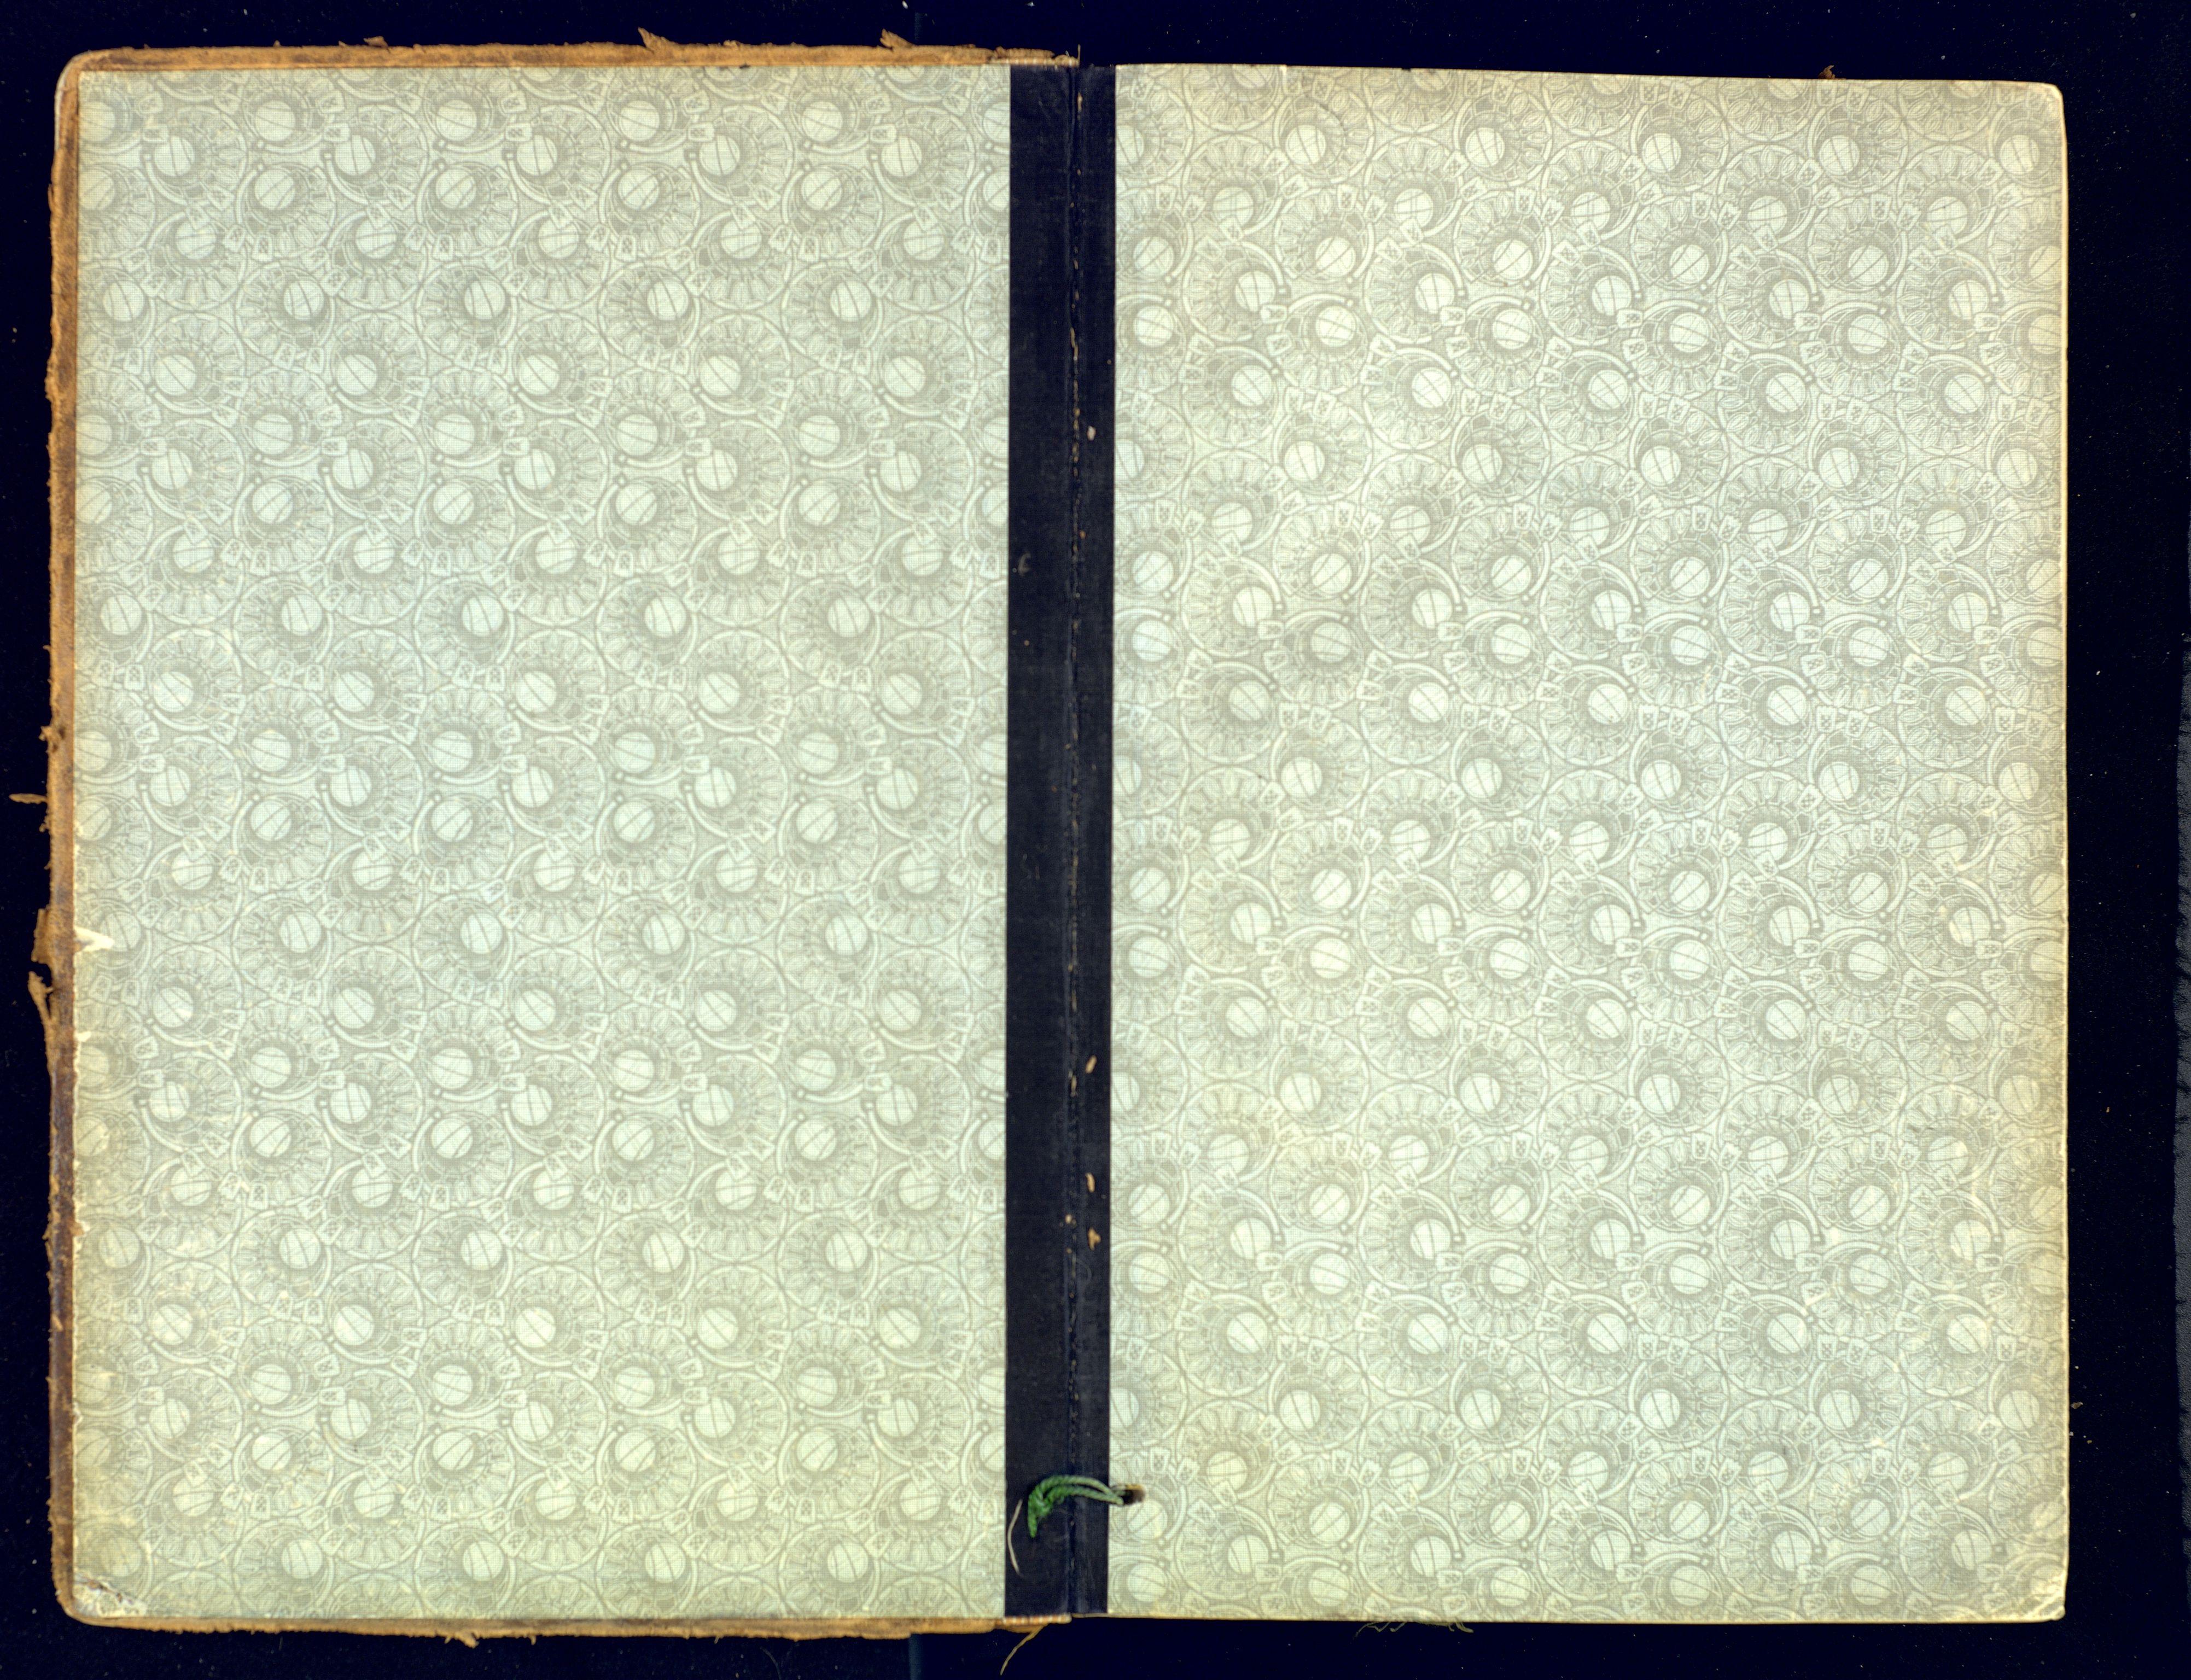 SATØ, Skjervøy sokneprestkontor, H/Ha/Haa: Ministerialbok nr. 18, 1910-1926